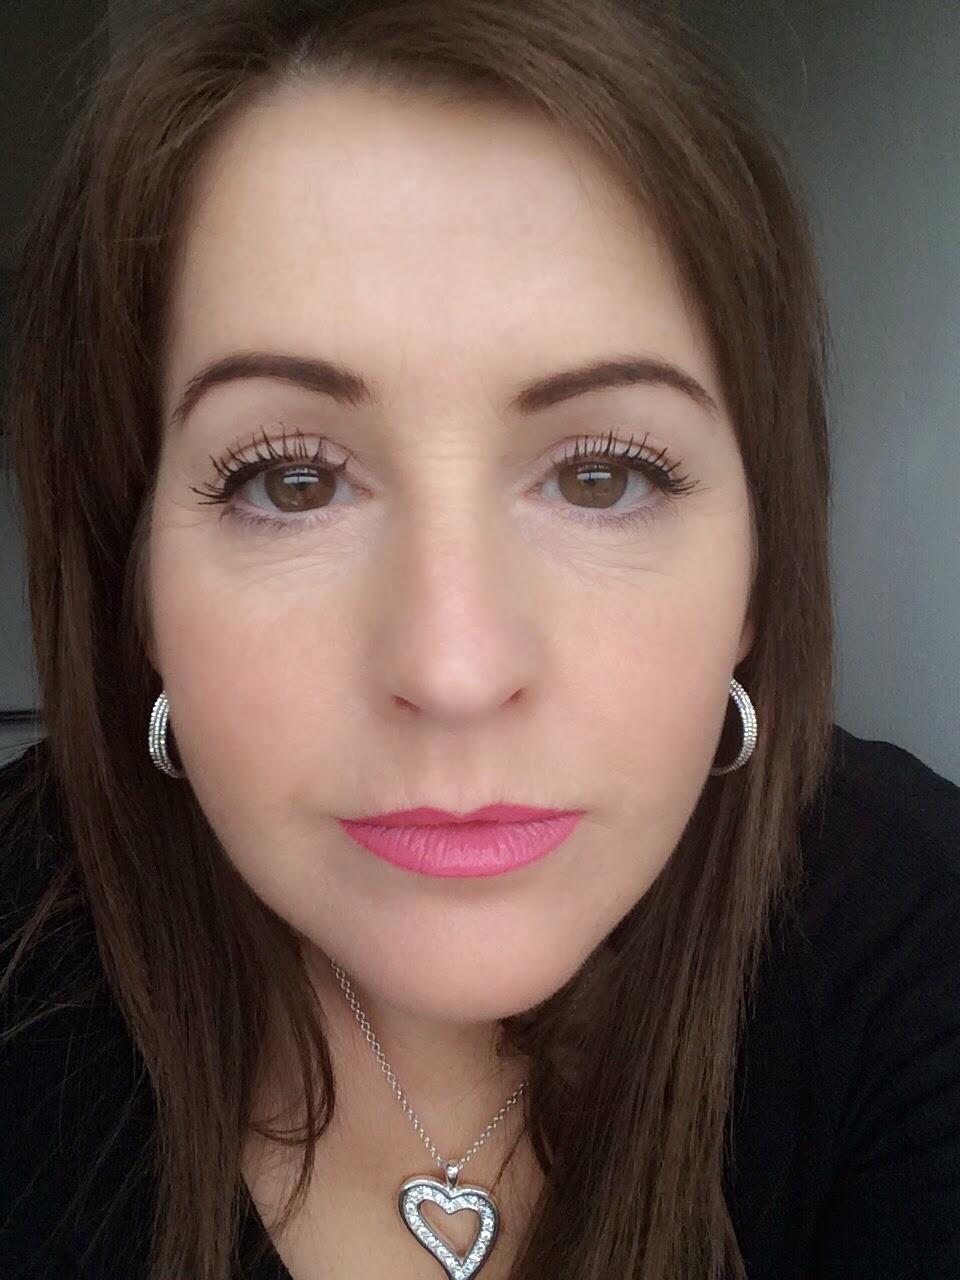 Estée Lauder colour envy lipstick